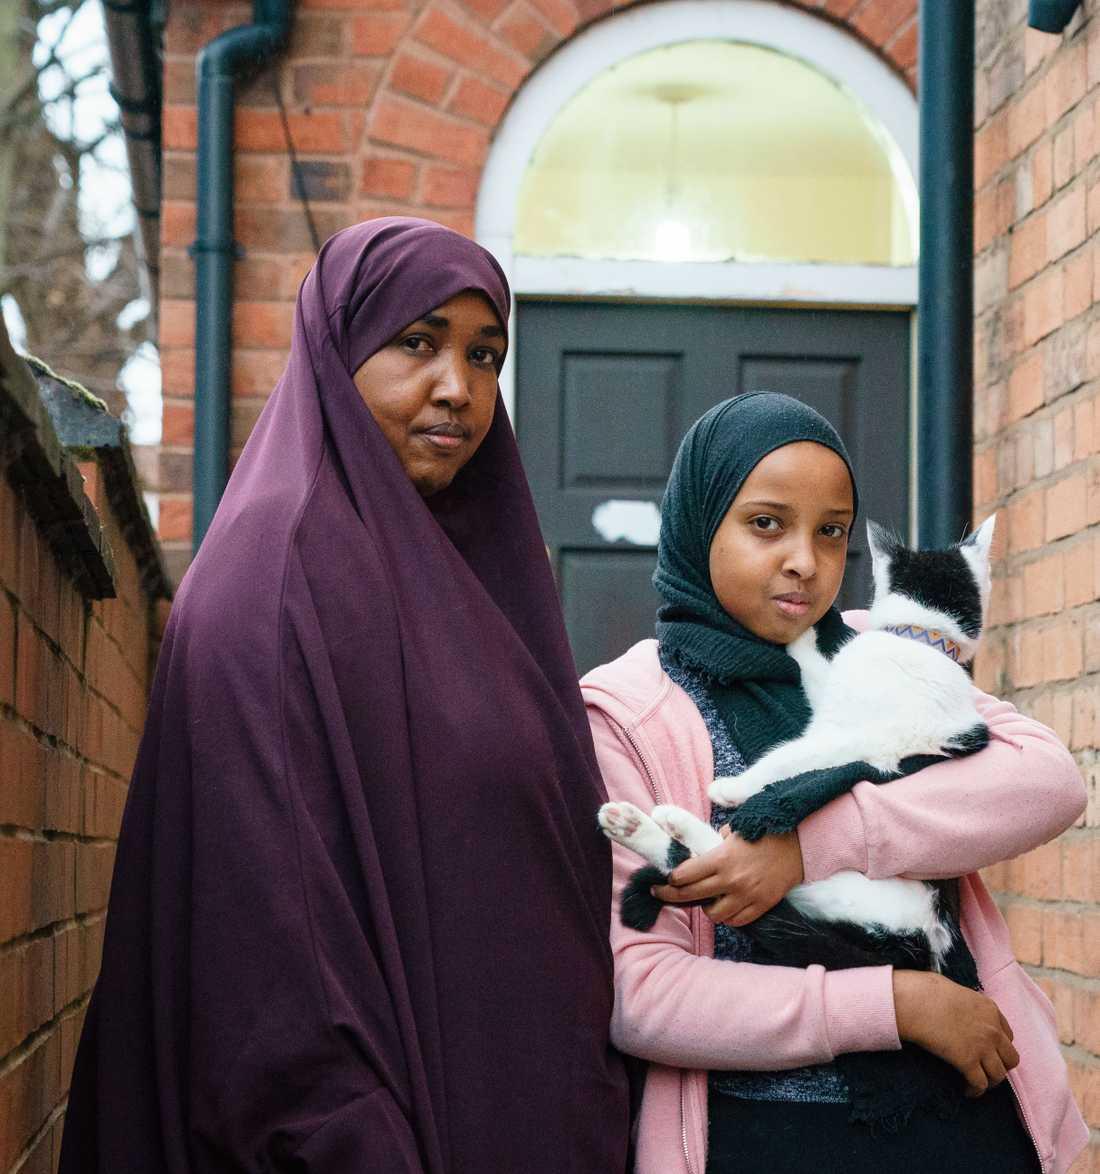 Aisha låg och sov i samma rum när granaten exploderade men klarade sig utan fysiska skador.